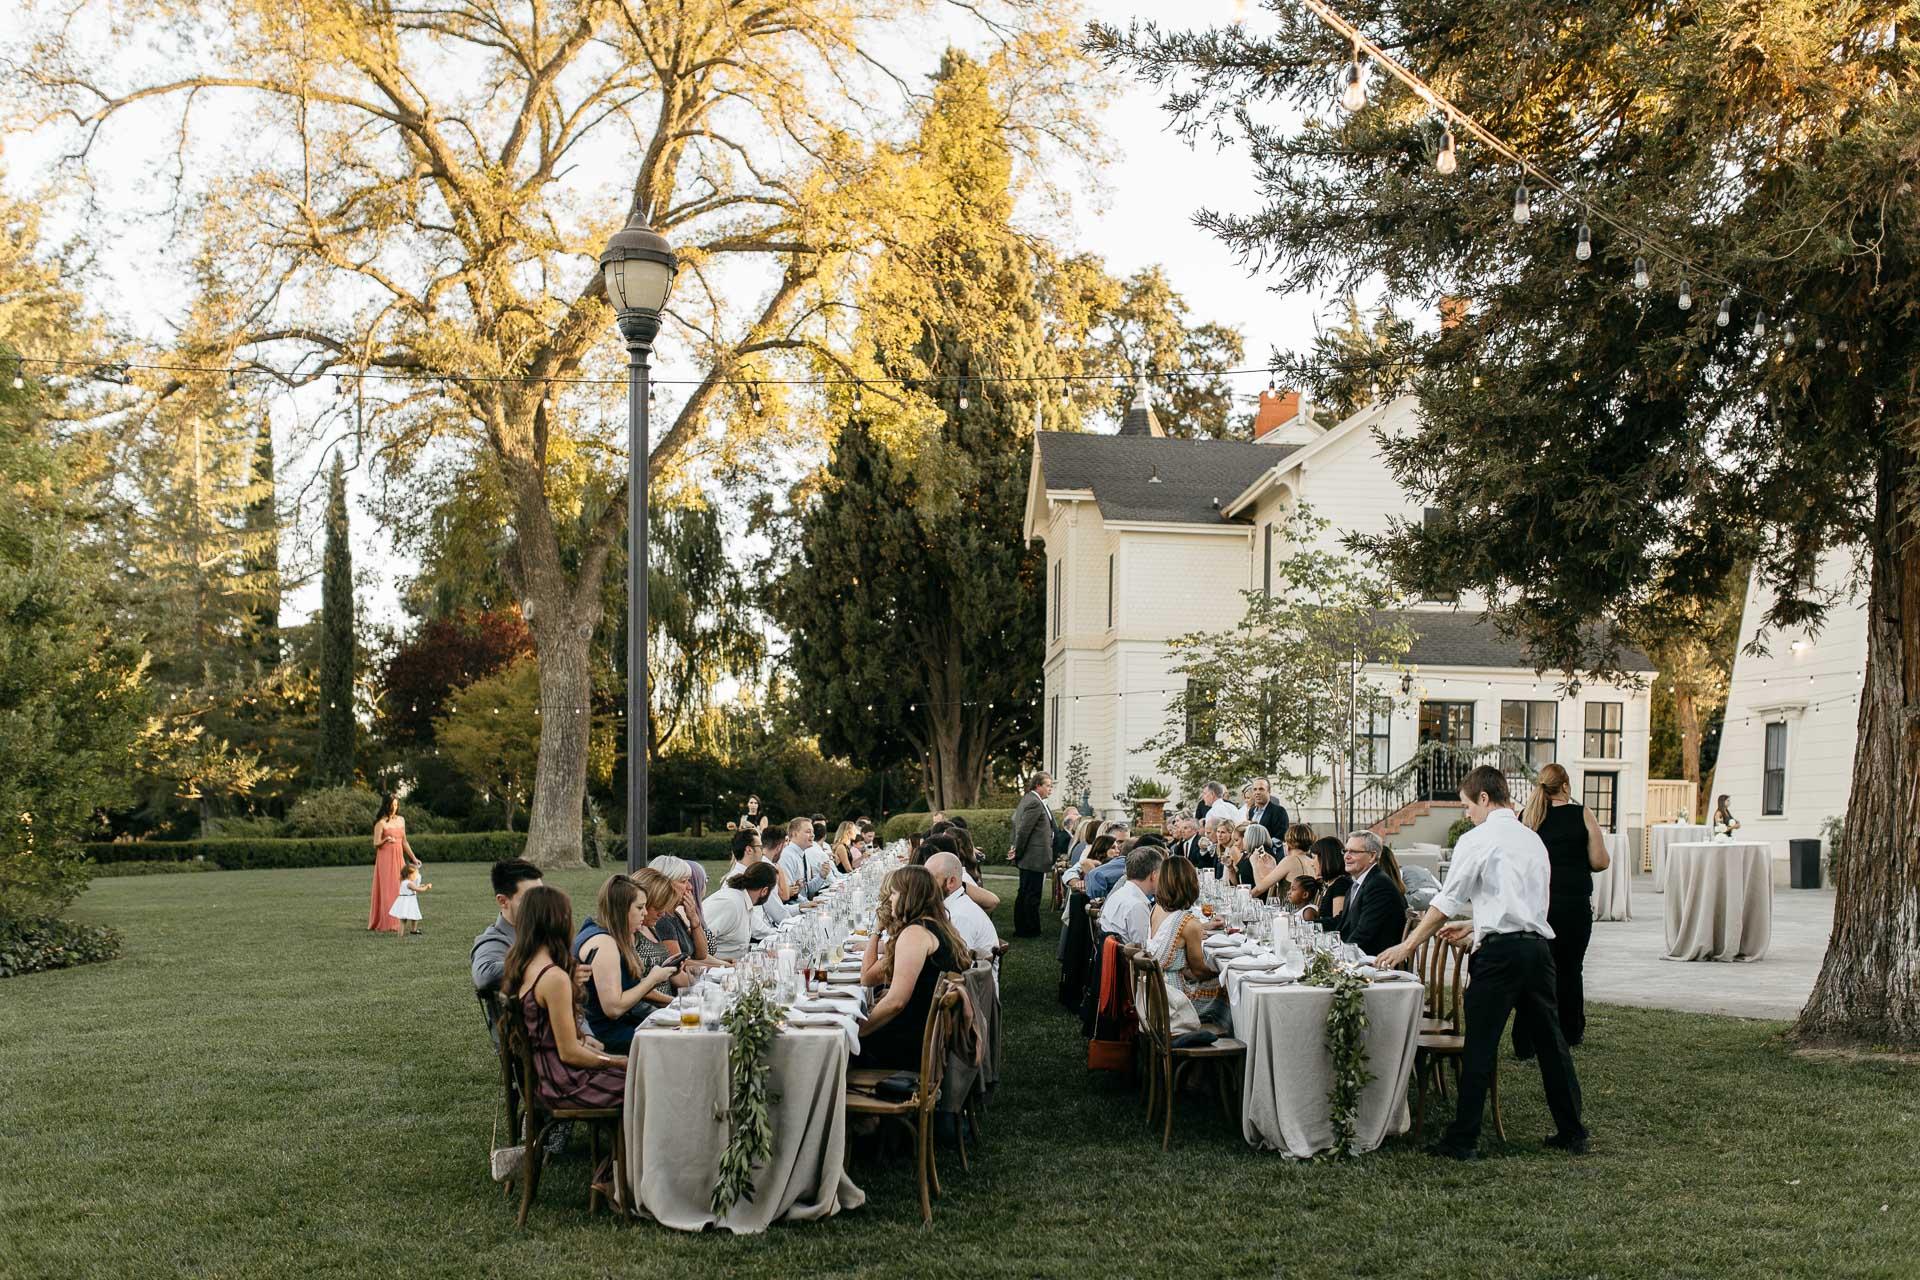 lauren_graham_wedding_california_park_winters_jeanlaurentgaudy_001-7